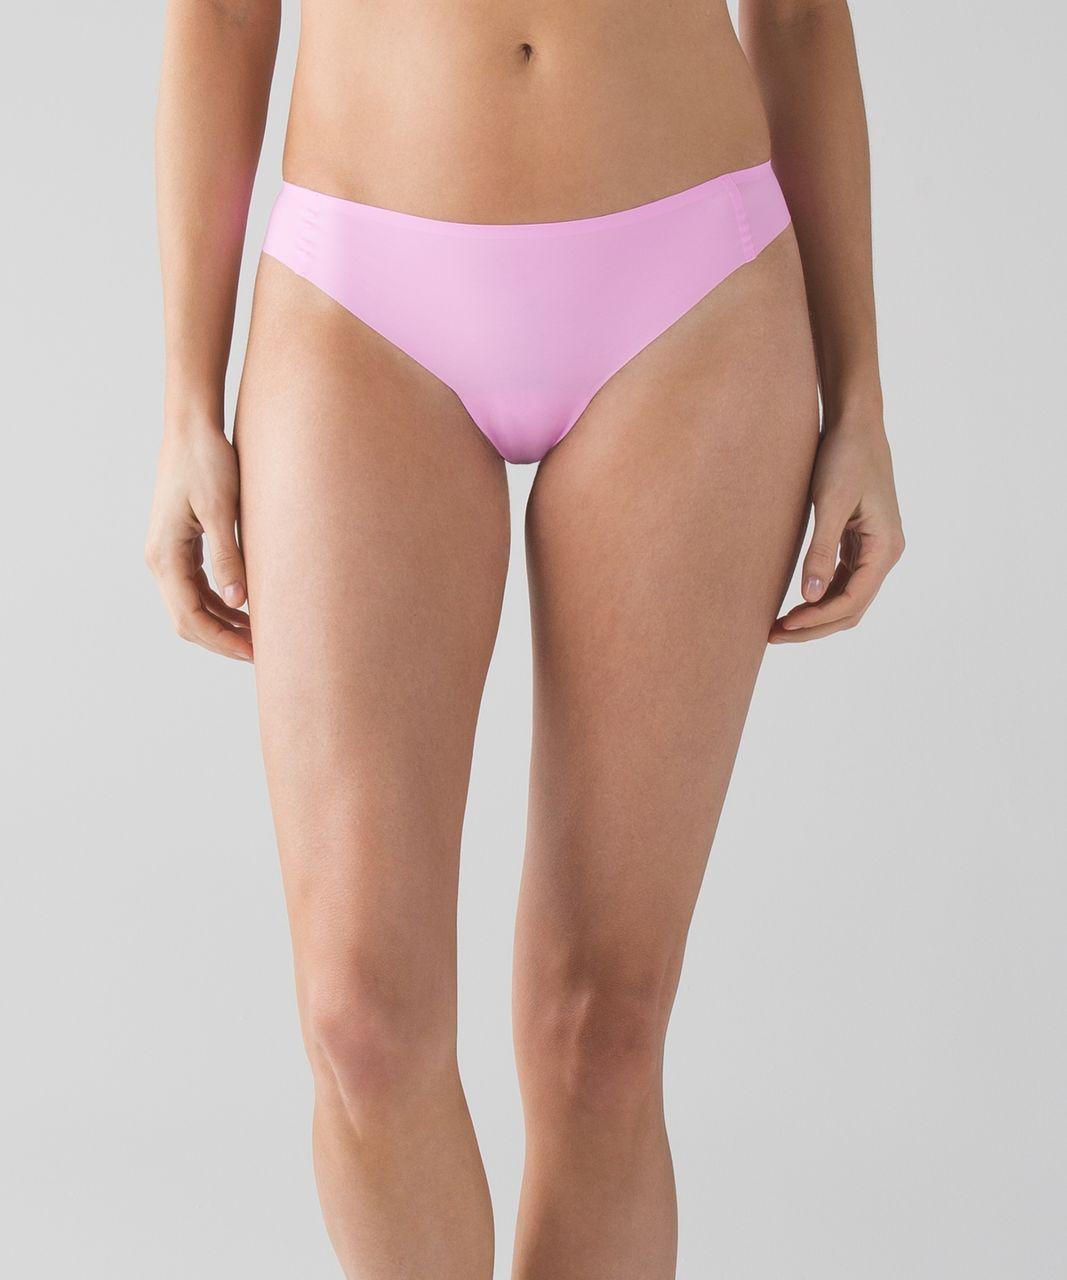 Lululemon Namastay Put Thong - Vintage Pink